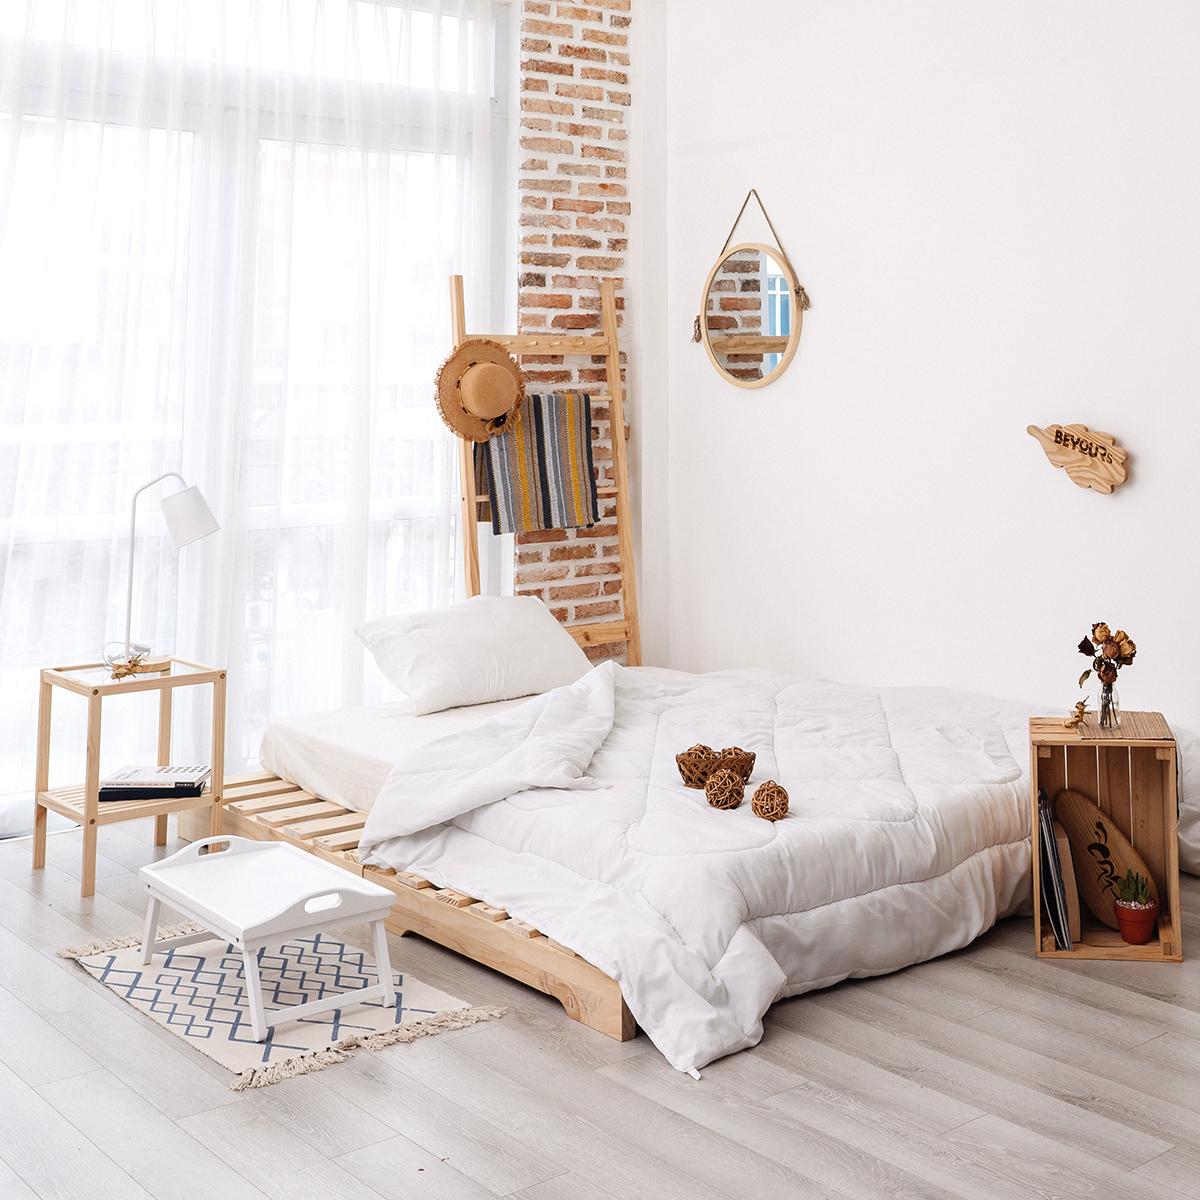 Giường Ngủ Pallet Gỗ Nội Thất Kiểu Hàn BEYOURs